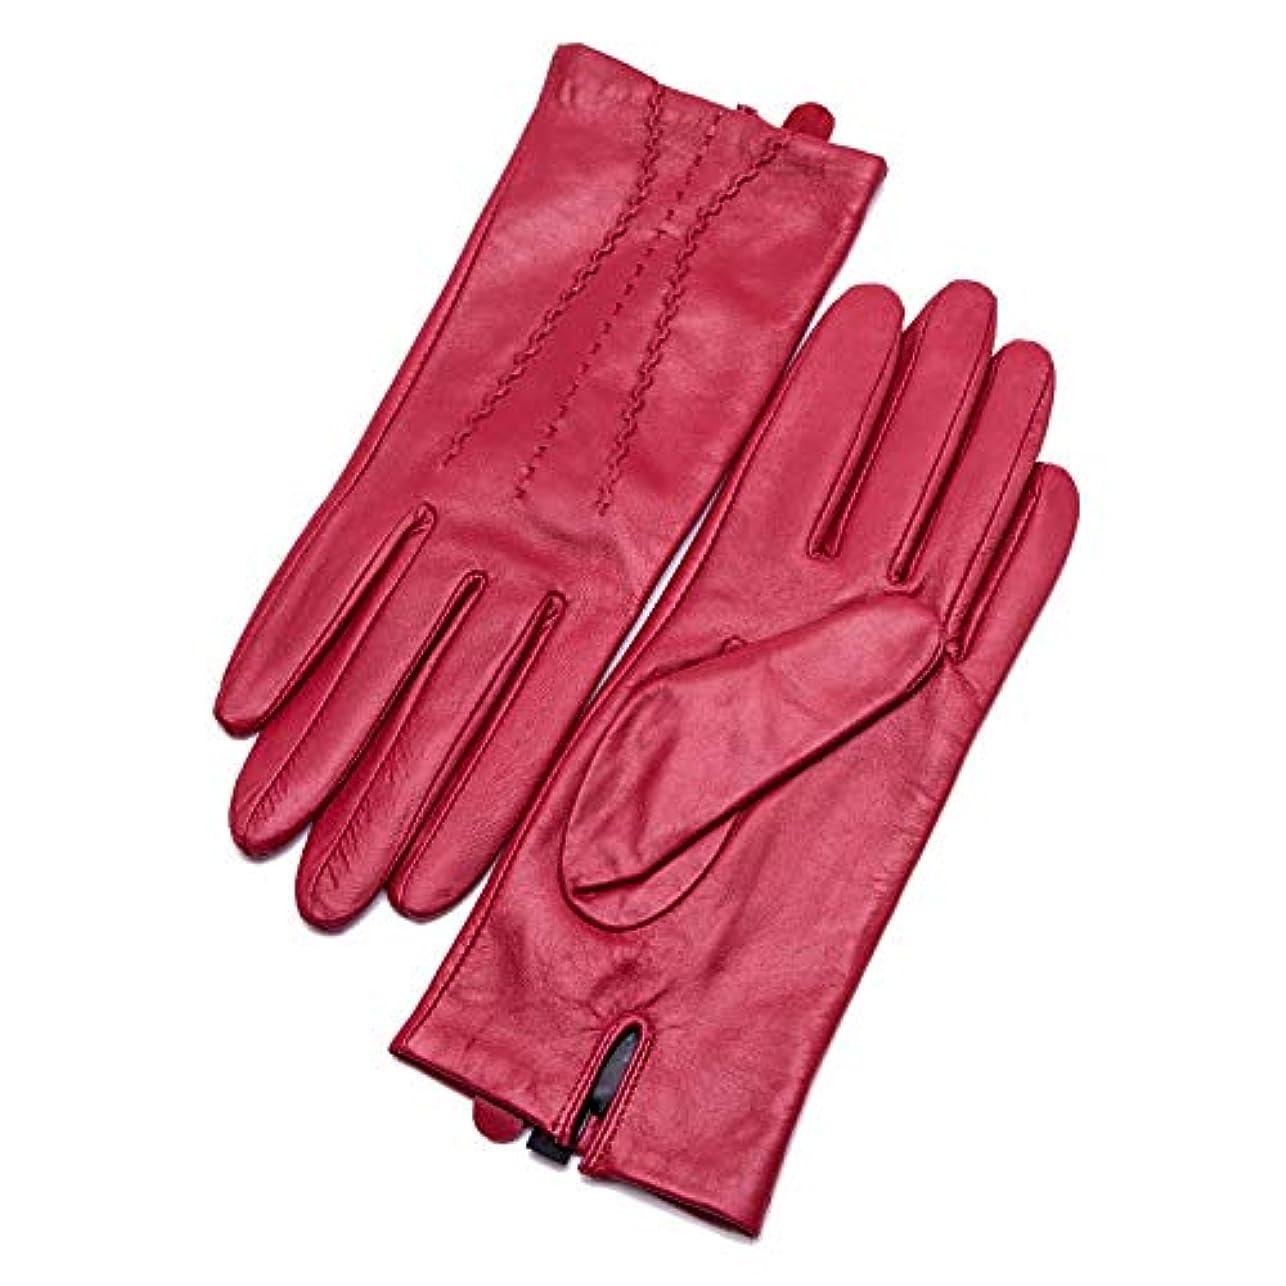 狂った配分ルーキーBAJIMI 手袋 グローブ レディース/メンズ ハンド ケア レザーグローブレディース薄手ライディングウィンドグローブ 裏起毛 おしゃれ 手触りが良い 運転 耐磨耗性 換気性